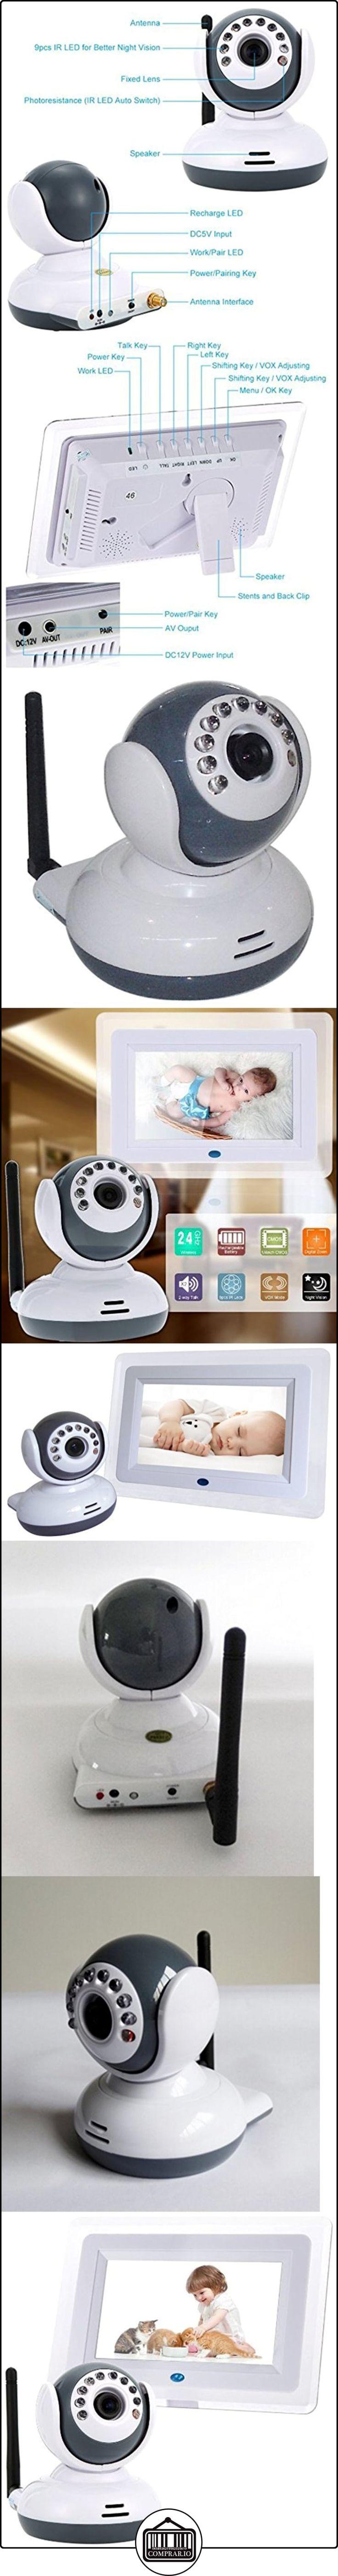 Vigilabebes, WER 2.4G, 7.0 pulgadas HD pantalla Baby Monitor Inalámbrico, Visión Nocturna Vídeo Audio Seguridad para Bebé  ✿ Vigilabebés - Seguridad ✿ ▬► Ver oferta: http://comprar.io/goto/B01L91GT6M